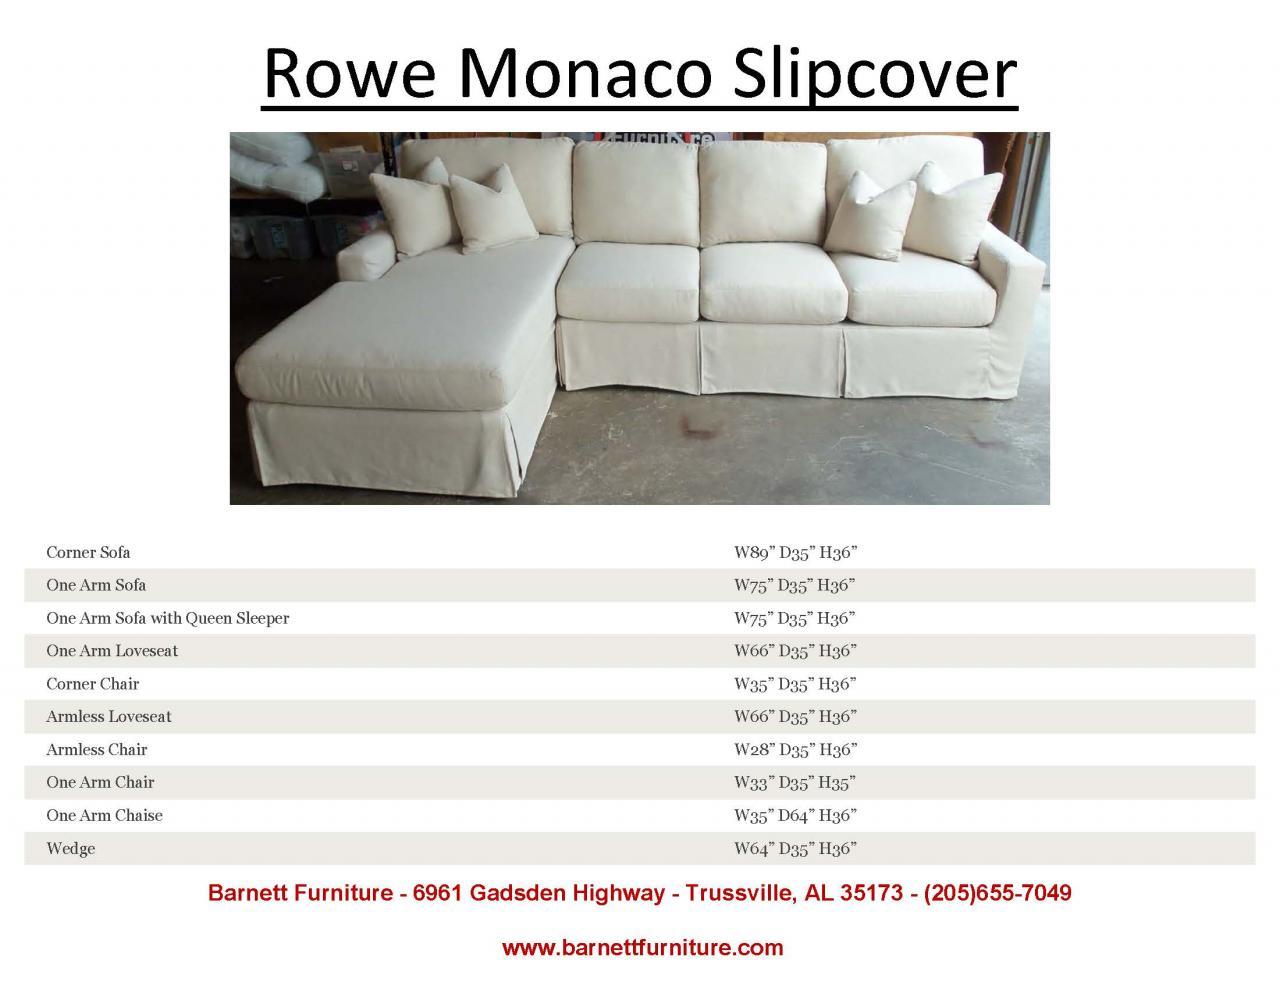 Rowe Monaco Slipcover Sectional